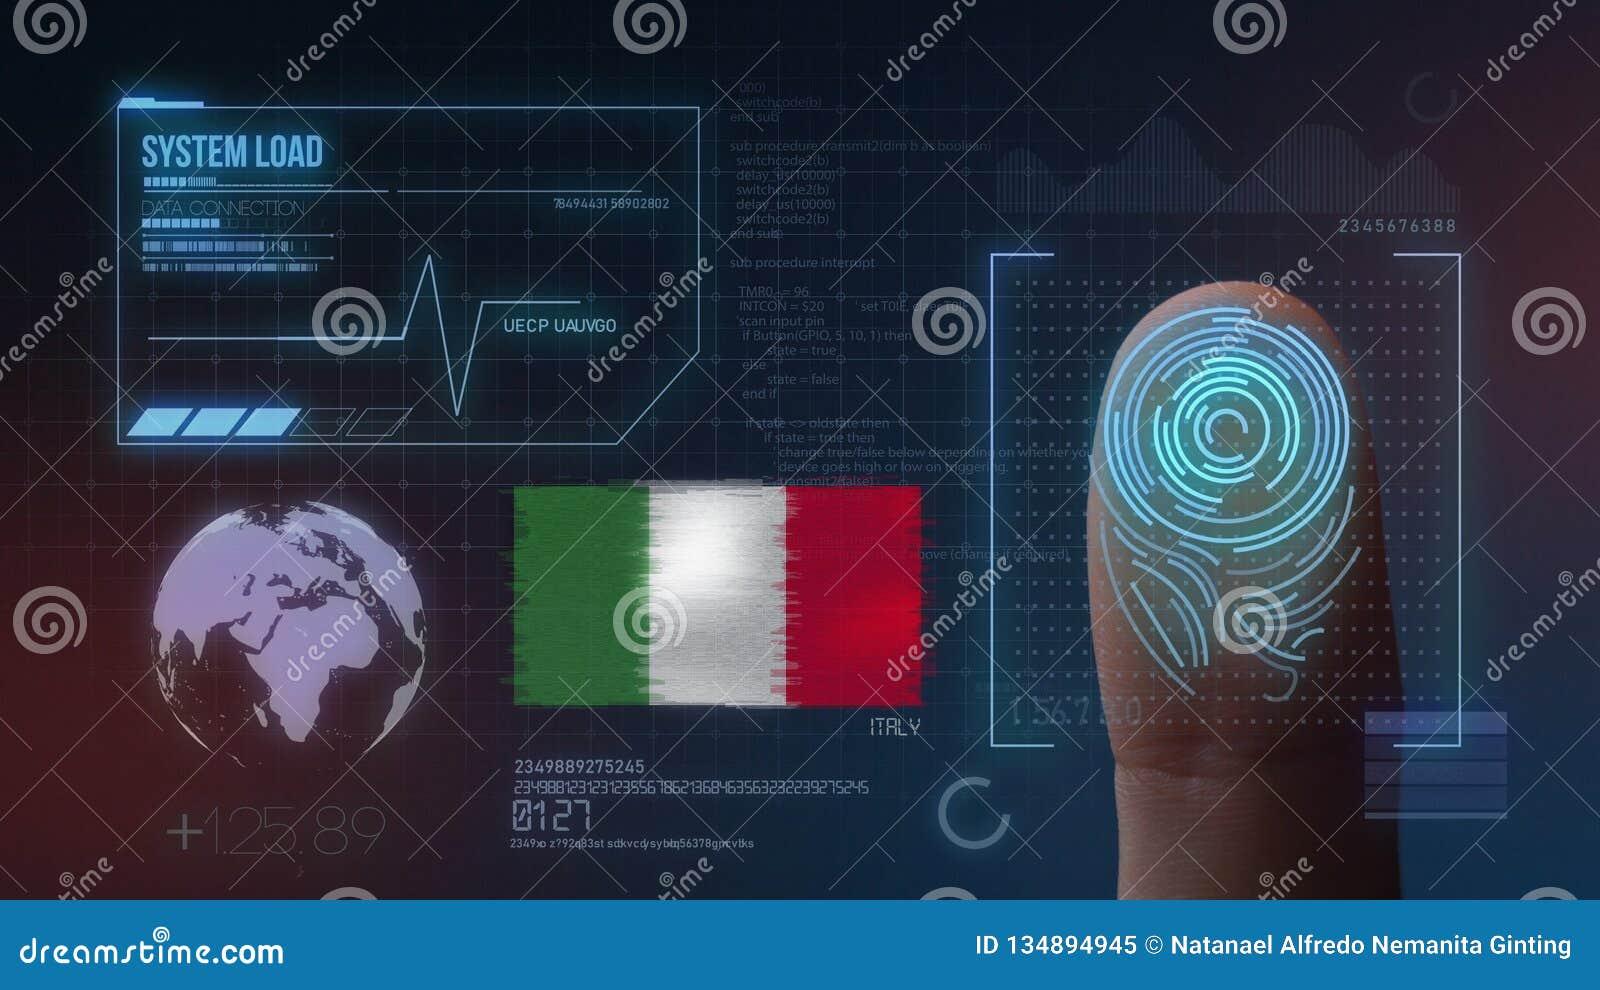 Odcisk Palca Biometrycznego skanerowania Tożsamościowy system Włochy narodowość